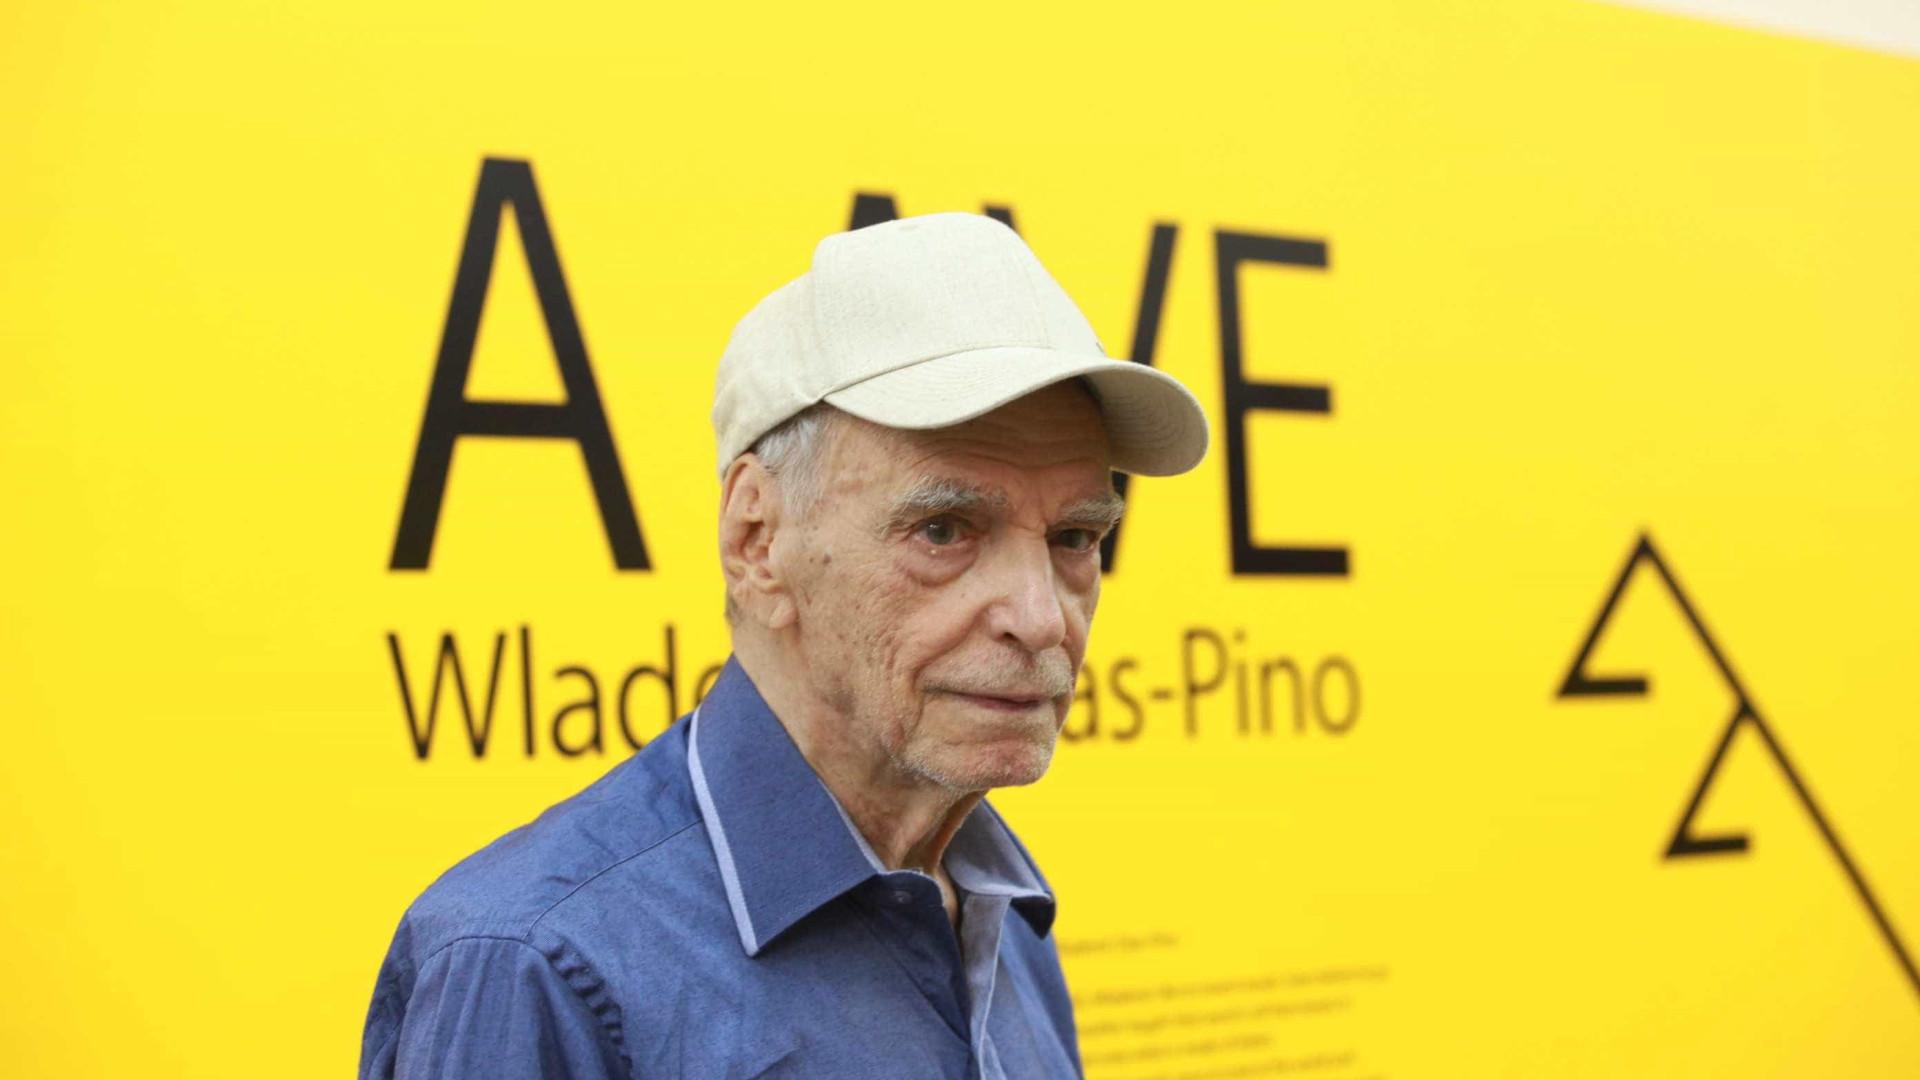 Morre o poeta e artista visual Wlademir Dias-Pino, aos 91 anos